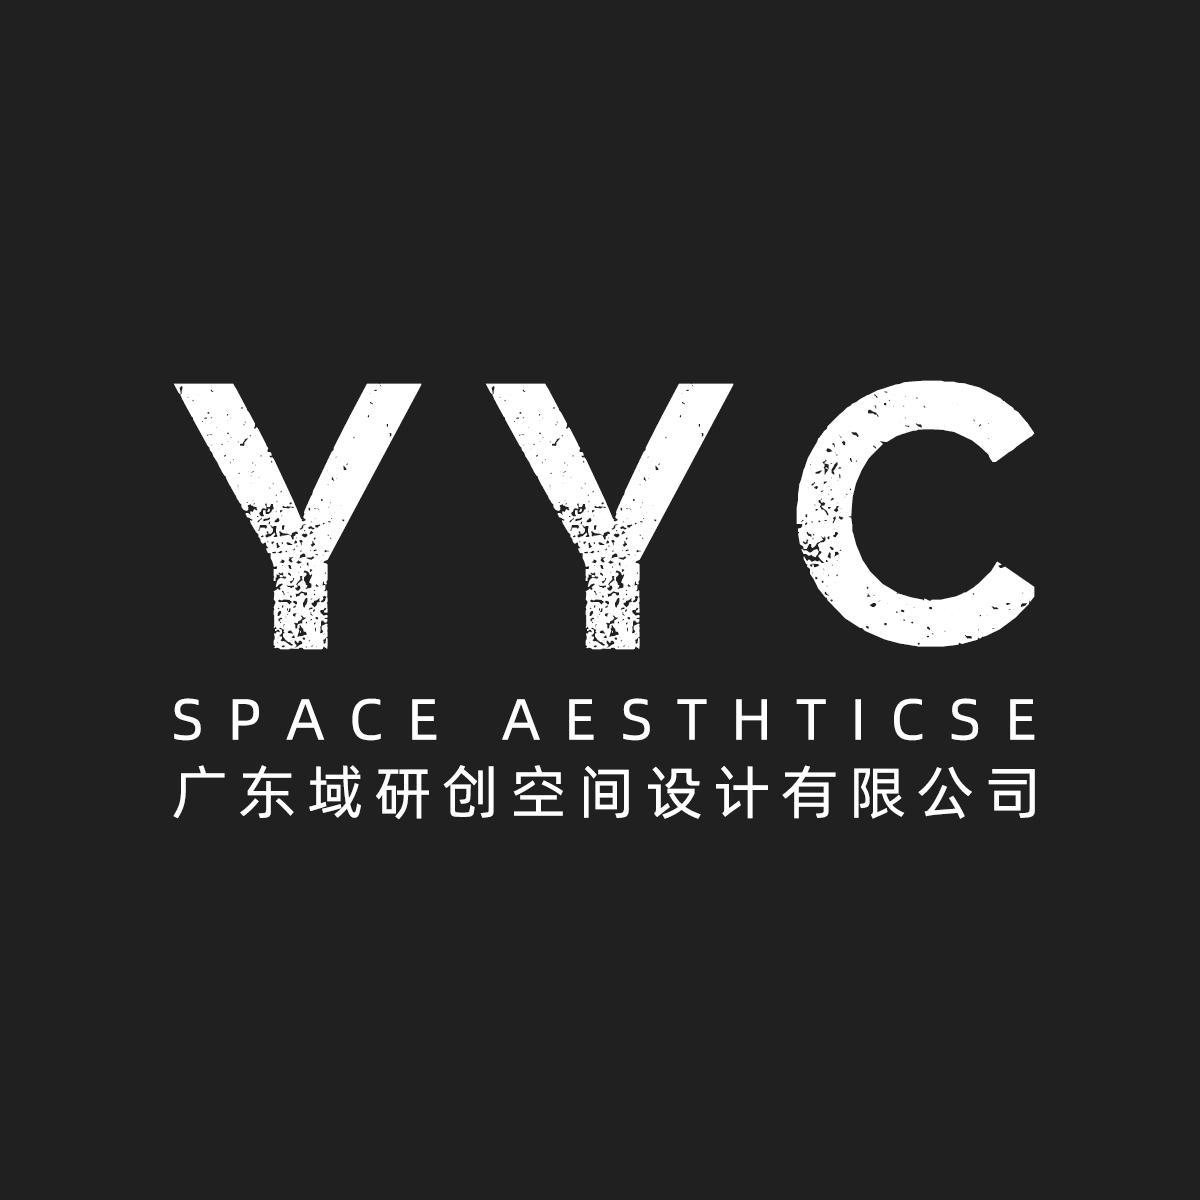 廣東域研創空間設計有限公司